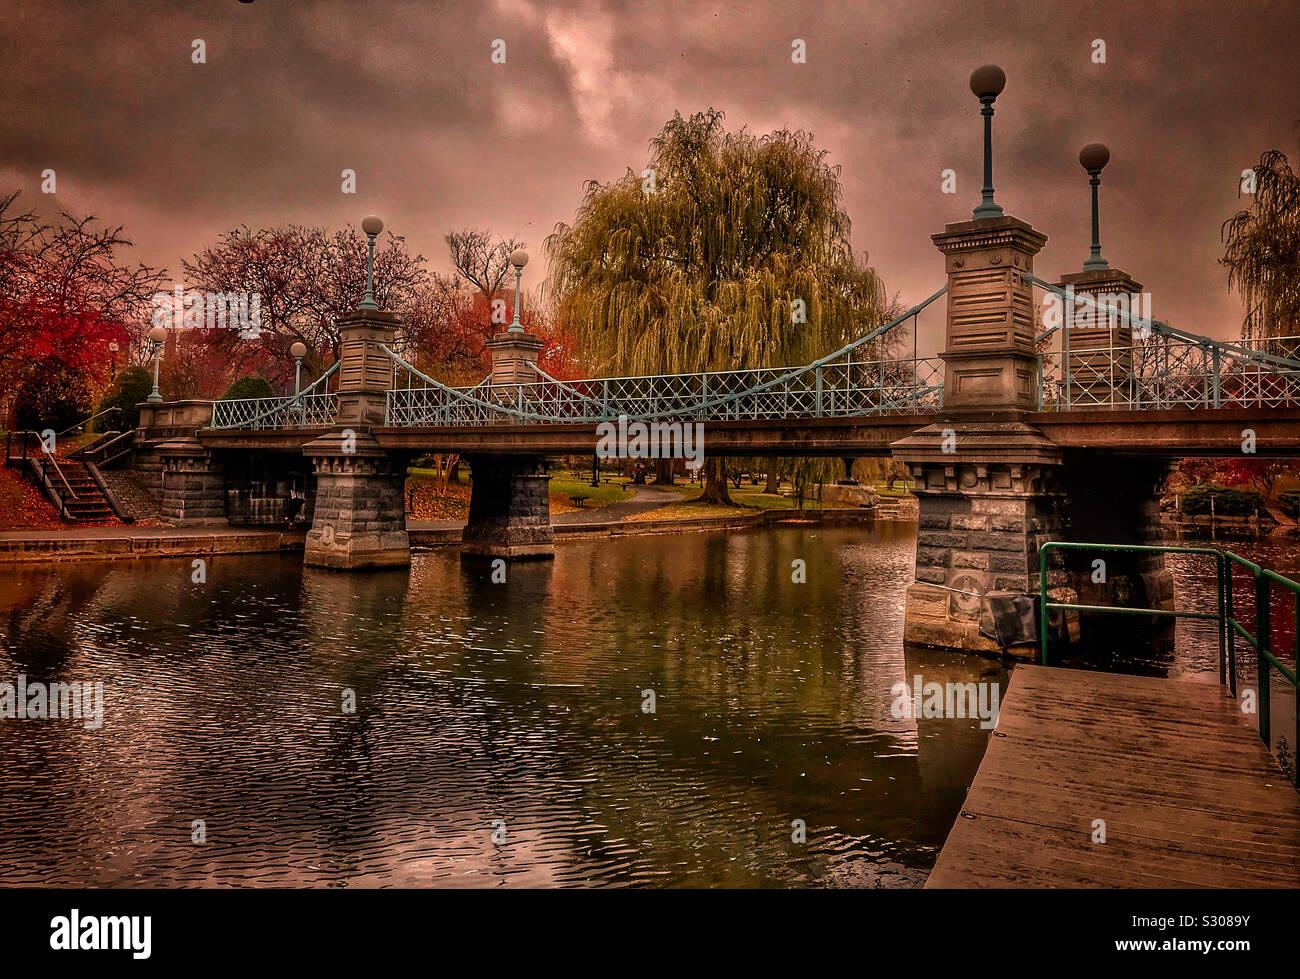 Día lluvioso en el Boston Public Gardens. Foto de stock